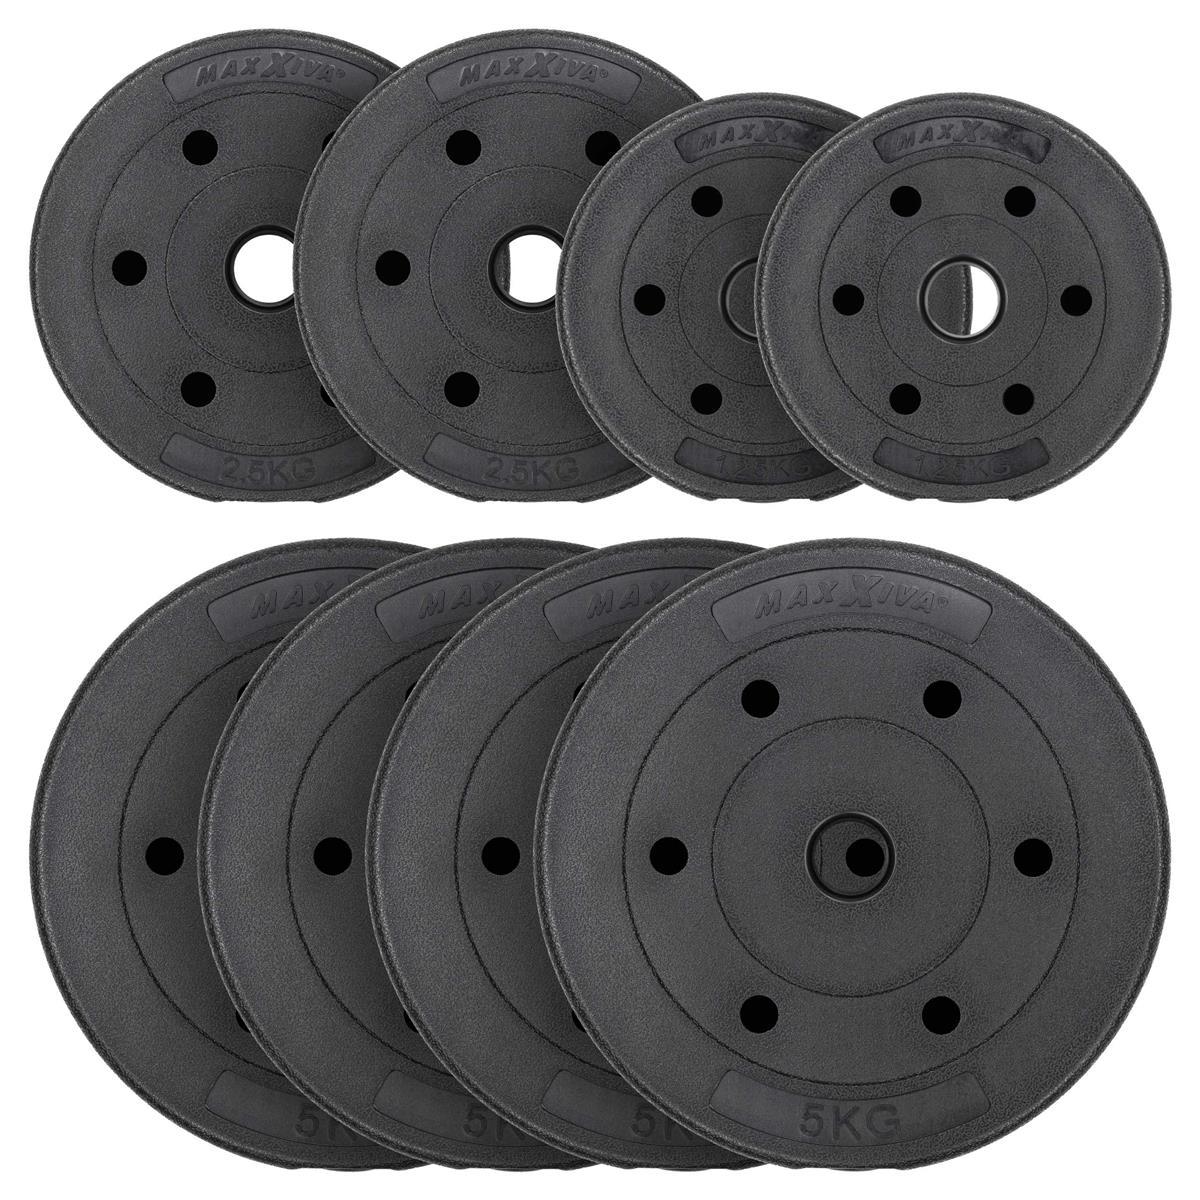 MAXXIVA Hantelscheiben Set Zement 27,5 kg 8 schwarz Gewichtsscheiben